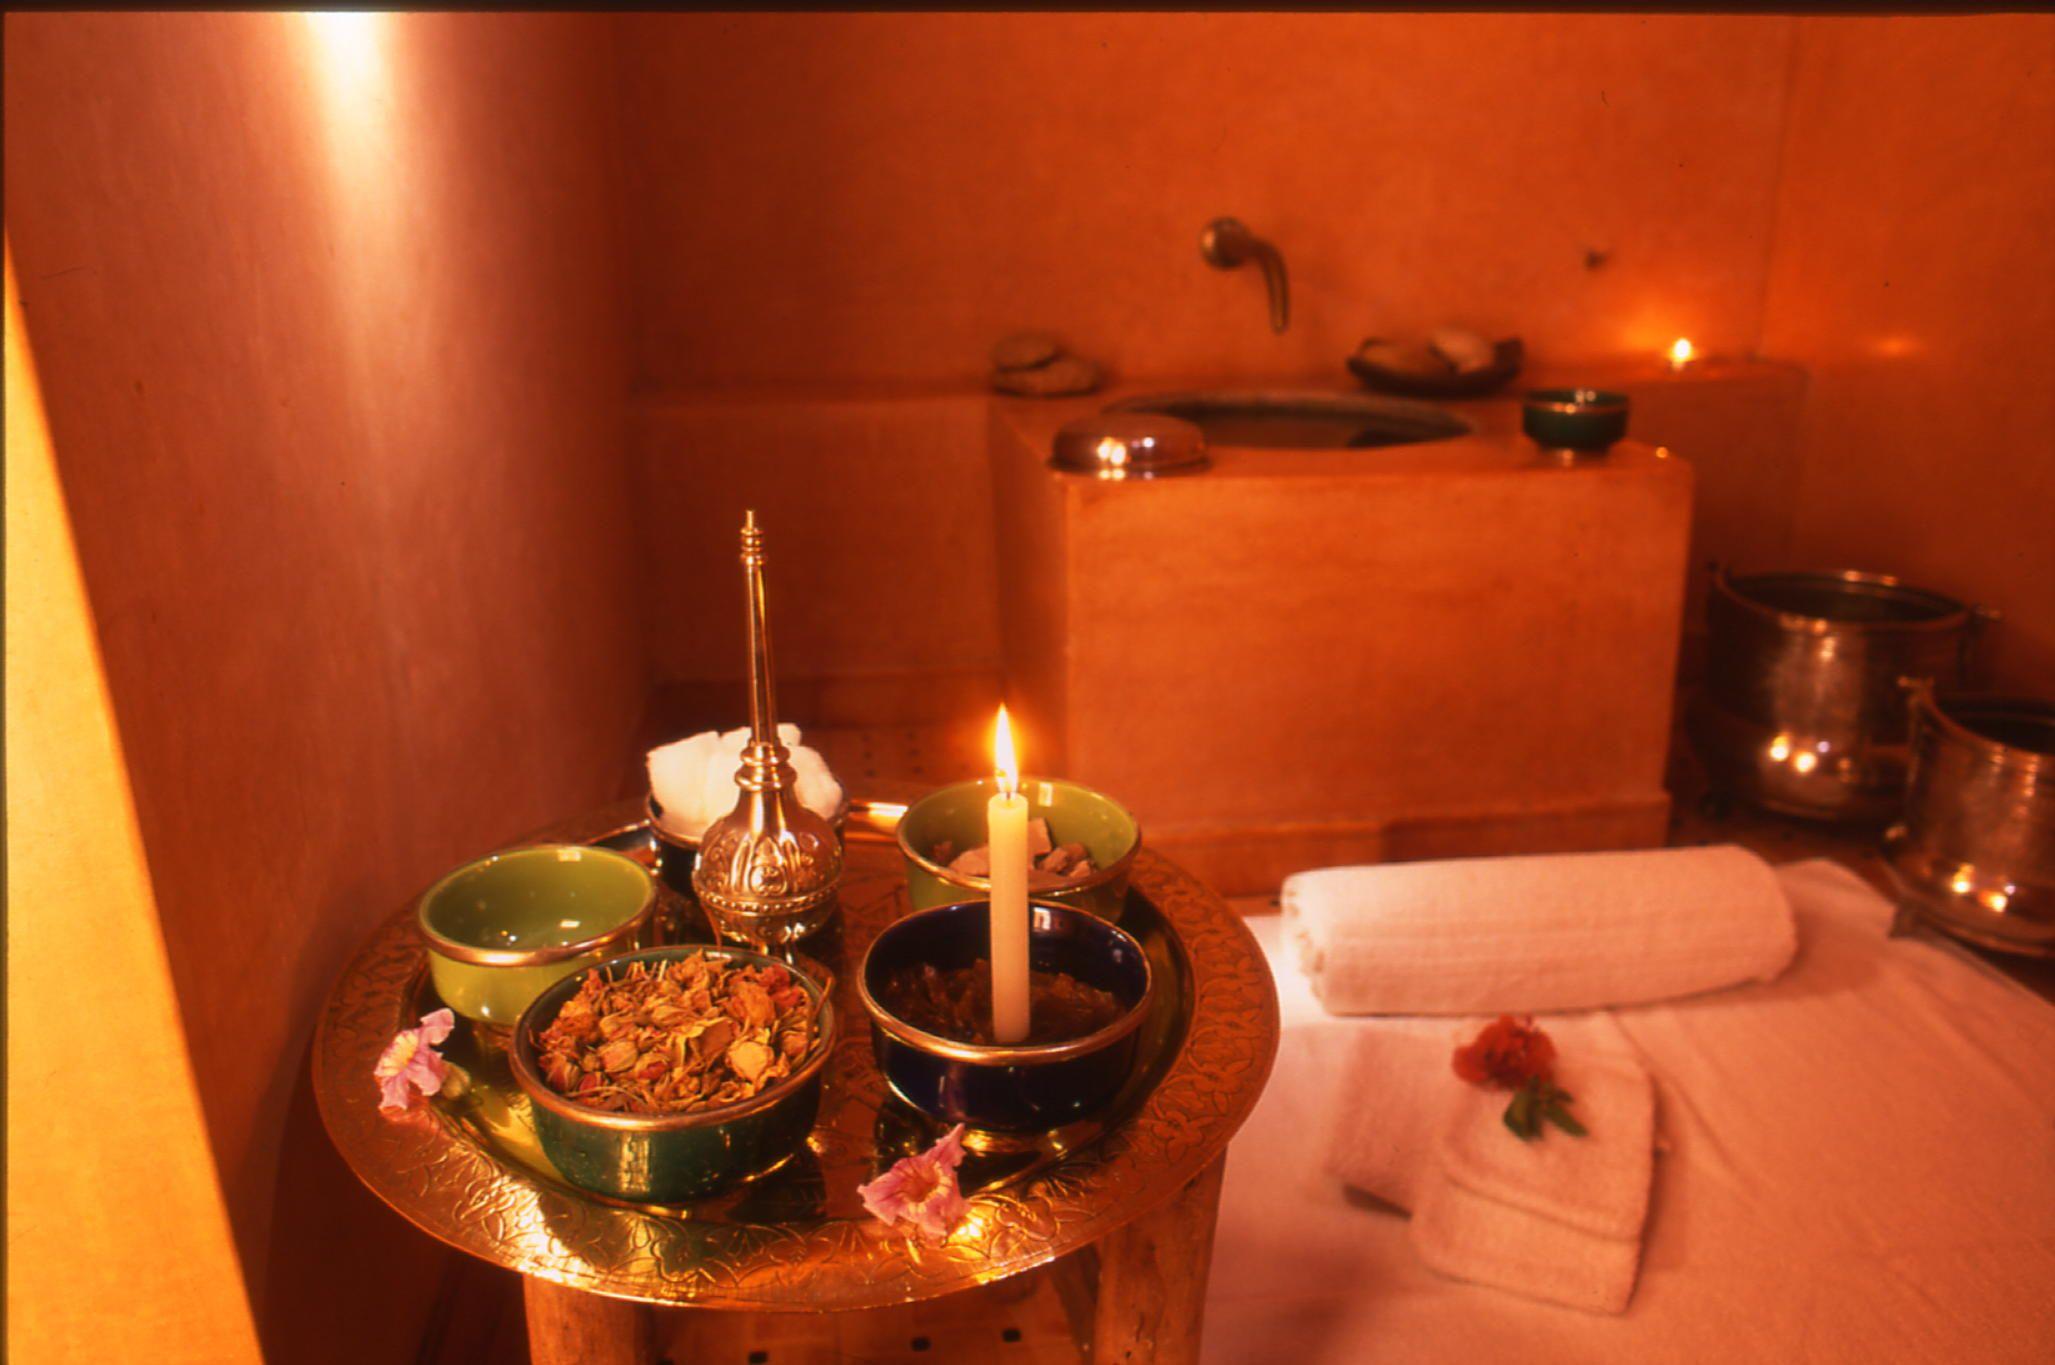 quelques produits utilis s par les femmes marocaines au hammam comme savon noir pour gommage le. Black Bedroom Furniture Sets. Home Design Ideas